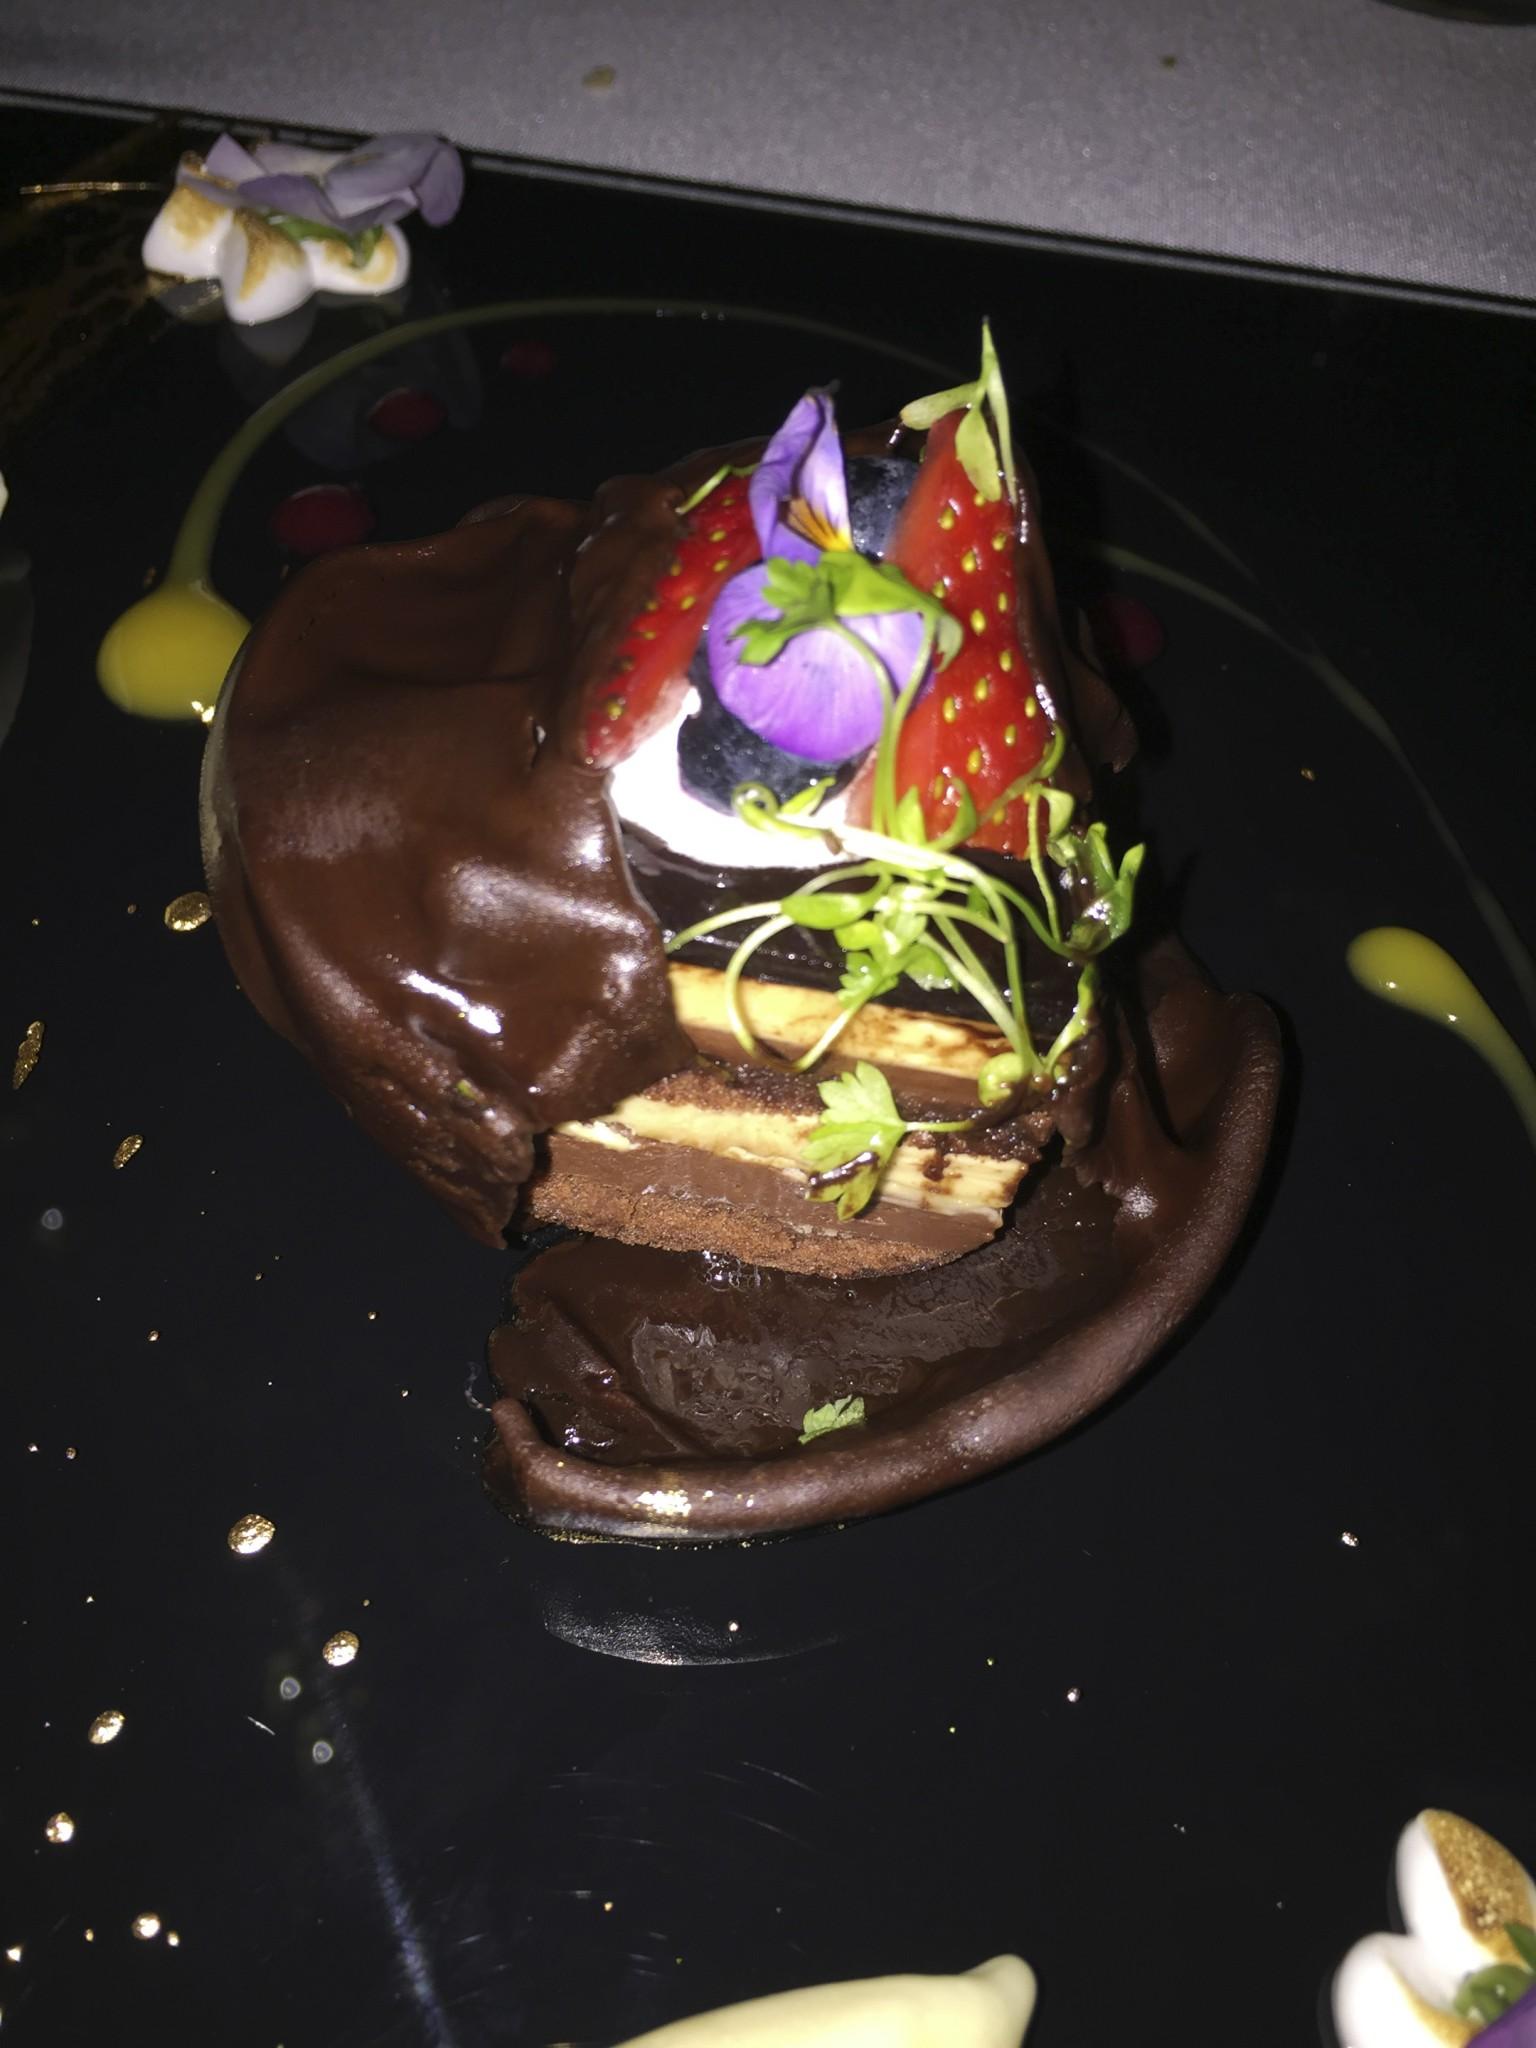 stellar dessert